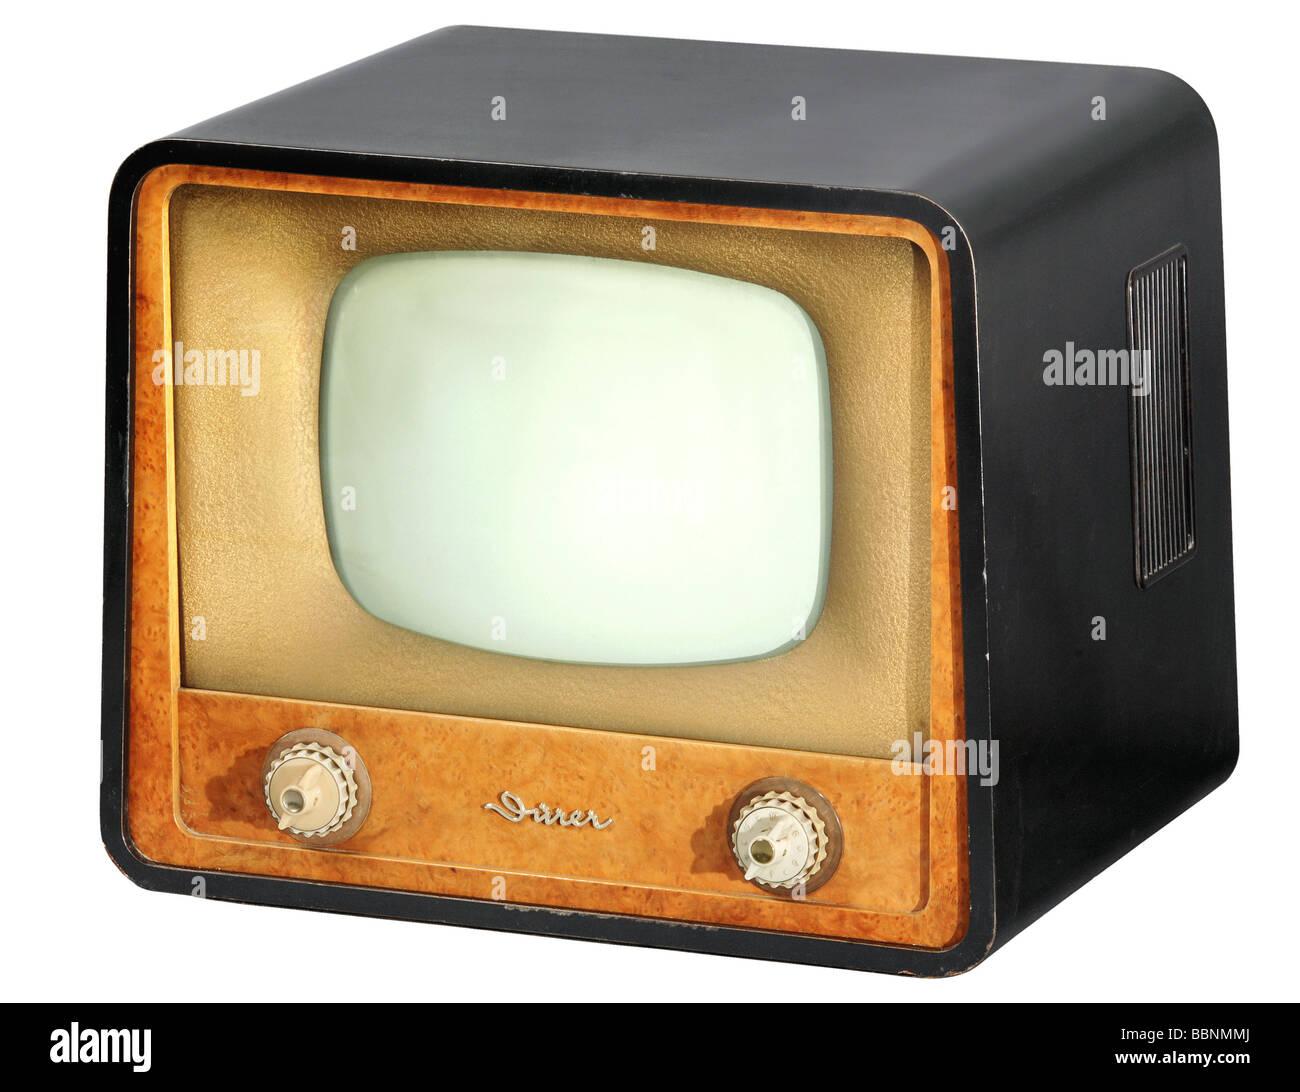 Rundfunk, Fernsehen, Tv, Fernsehgerät Dürer, hergestellt von VEB Sachsenwerk Radeberg, stationär, Stockbild